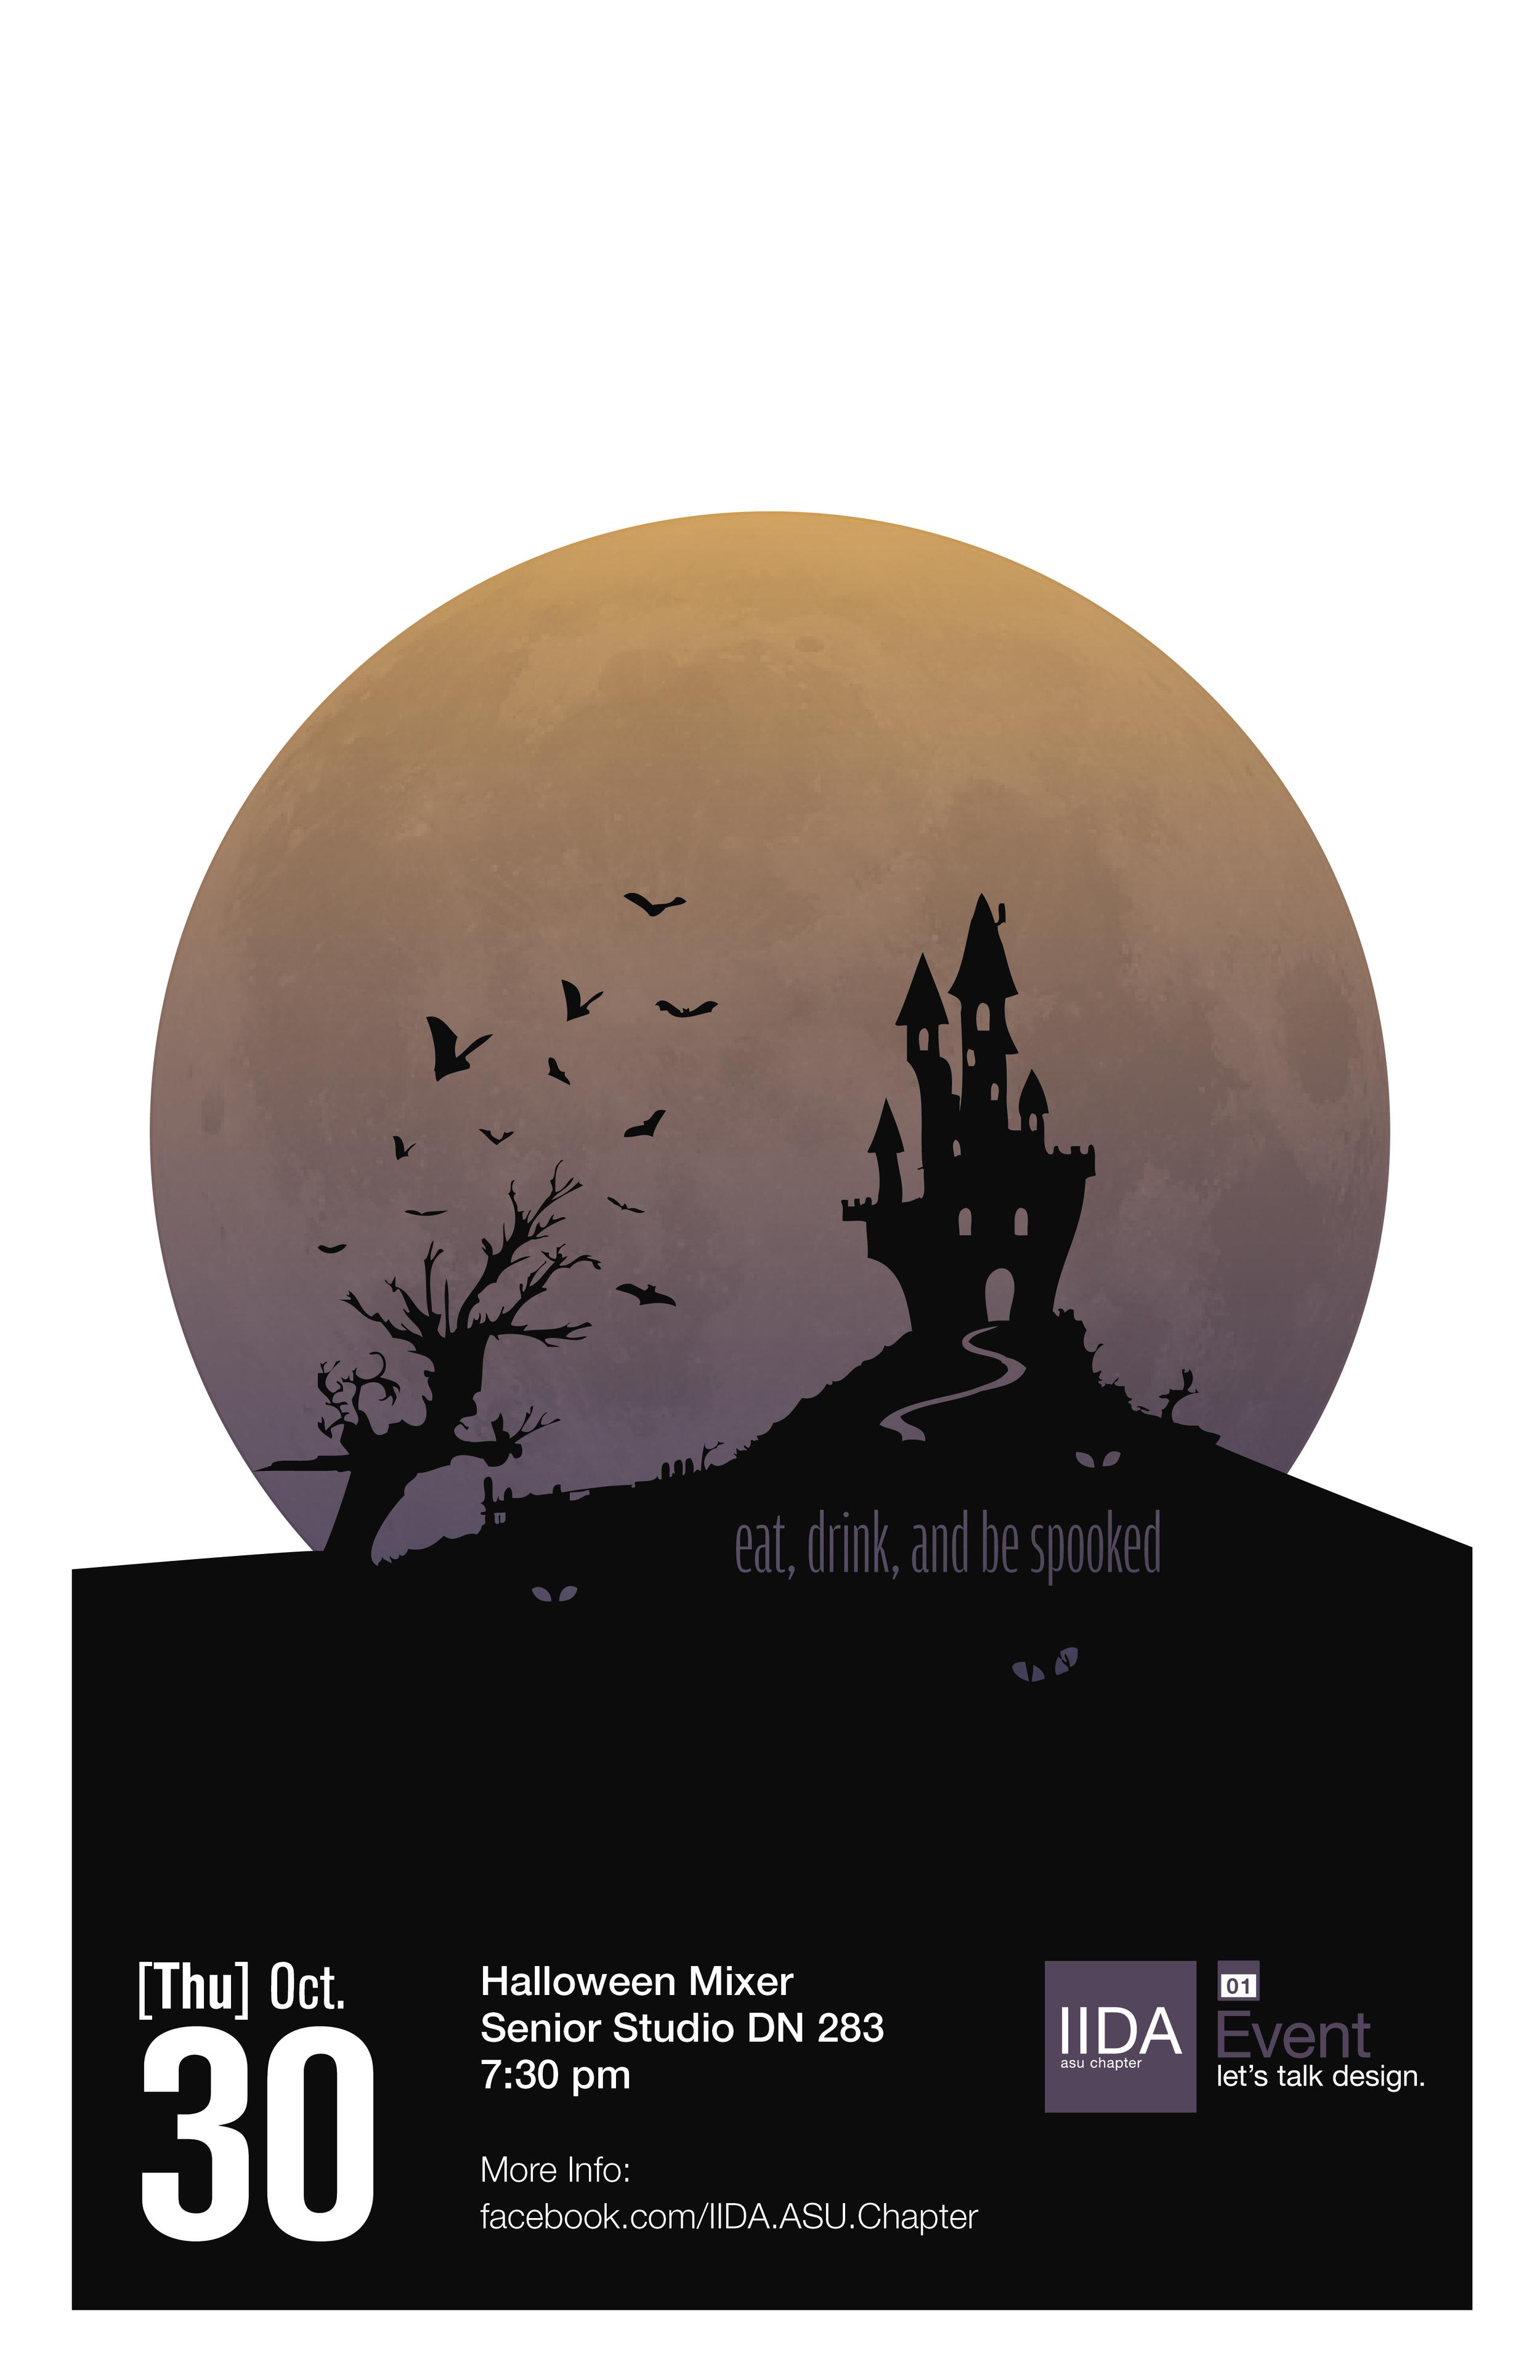 halloweenmixer-04.jpg